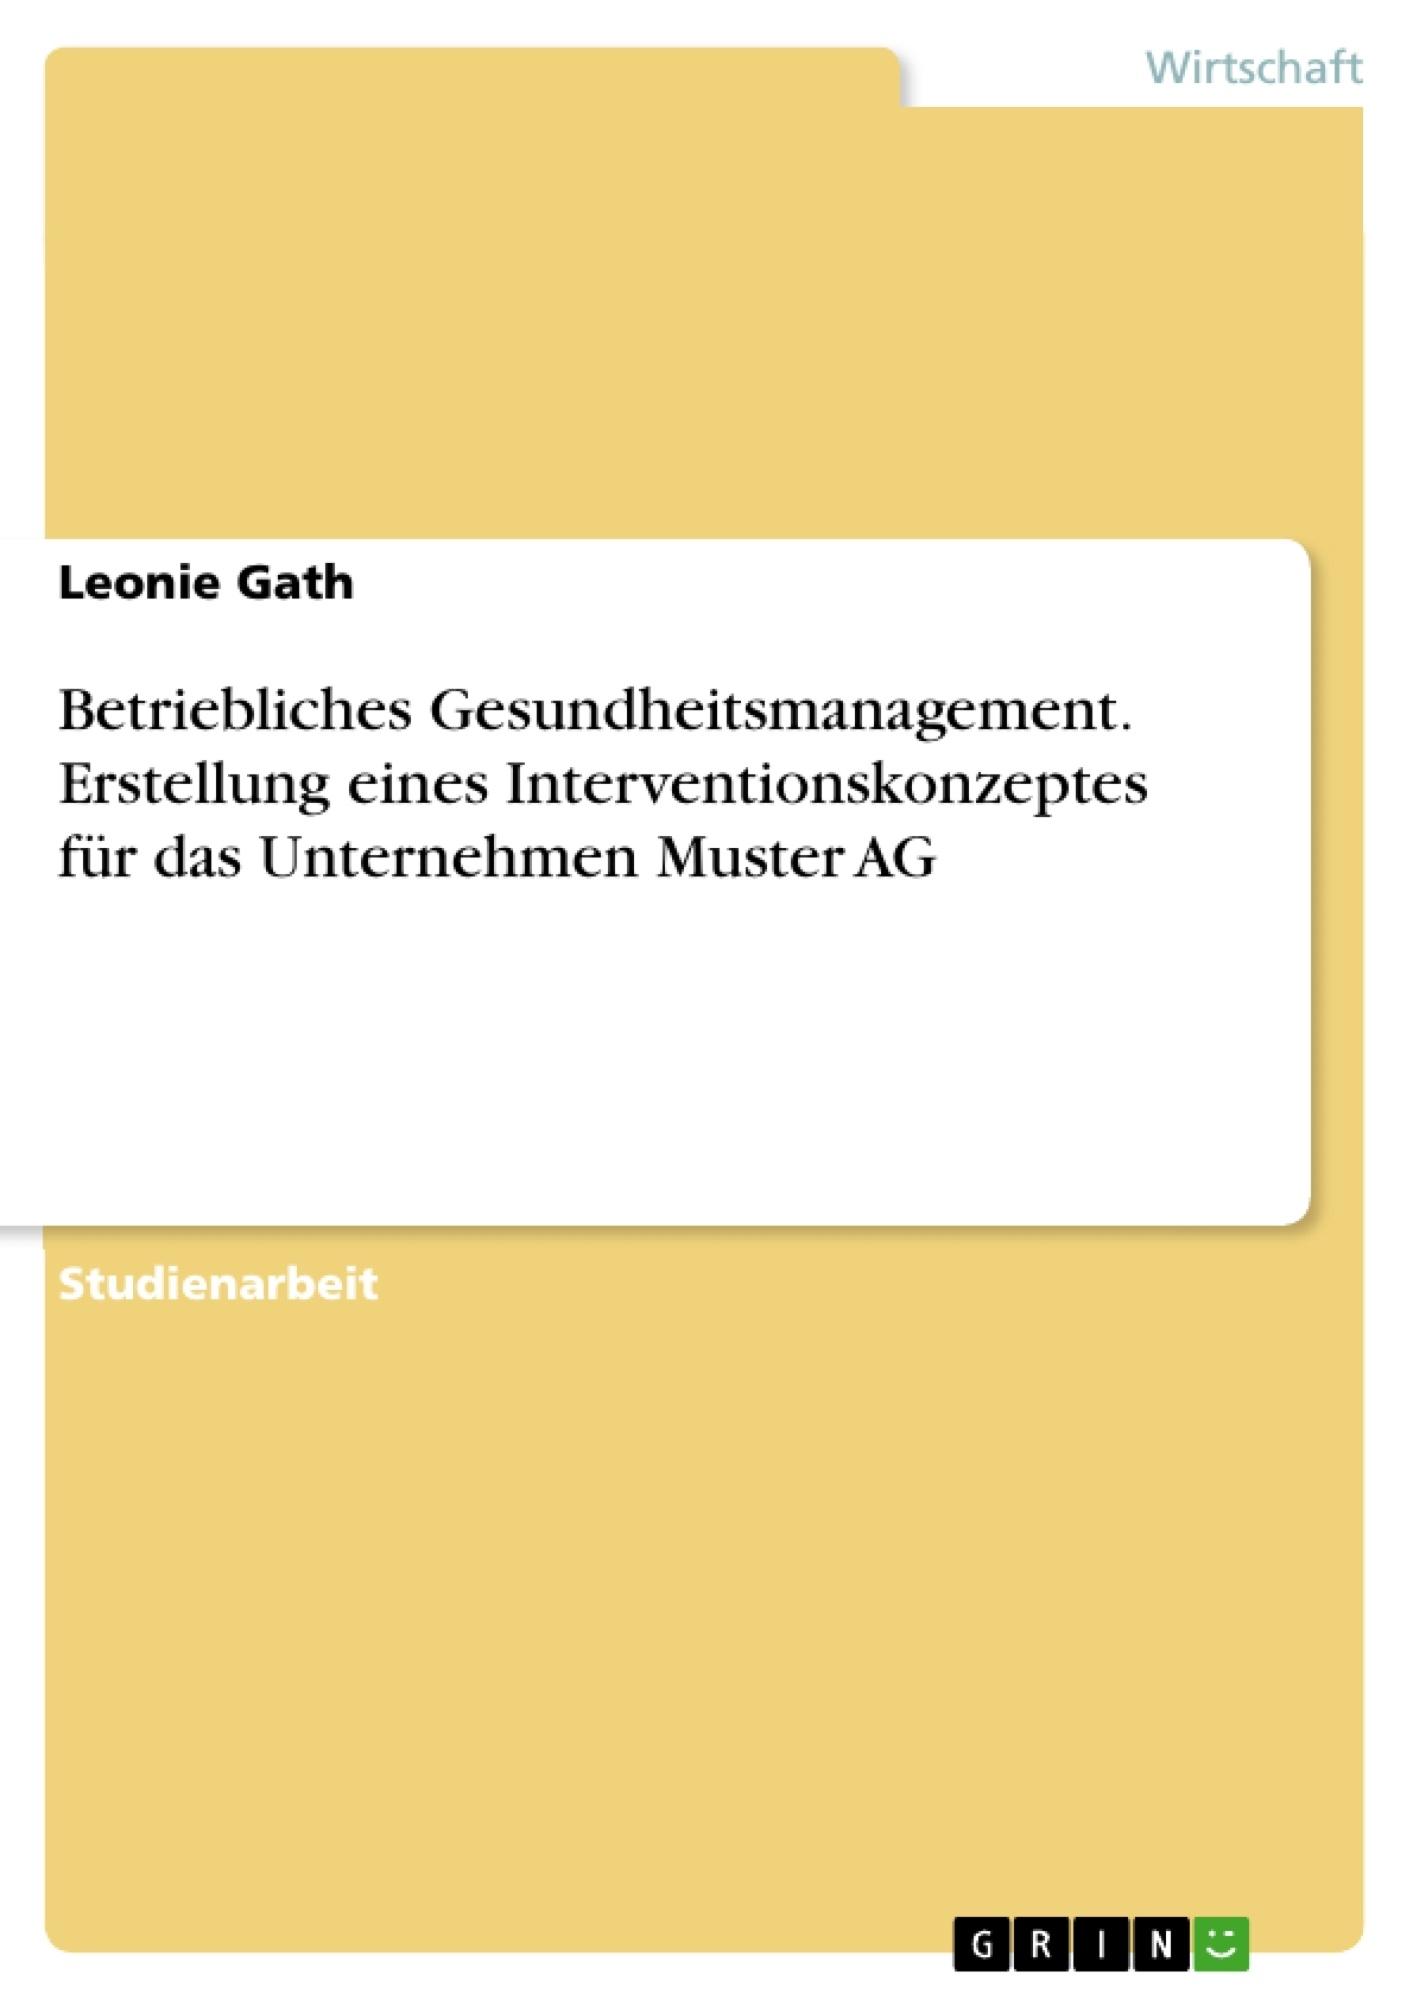 Titel: Betriebliches Gesundheitsmanagement. Erstellung eines Interventionskonzeptes für das Unternehmen Muster AG